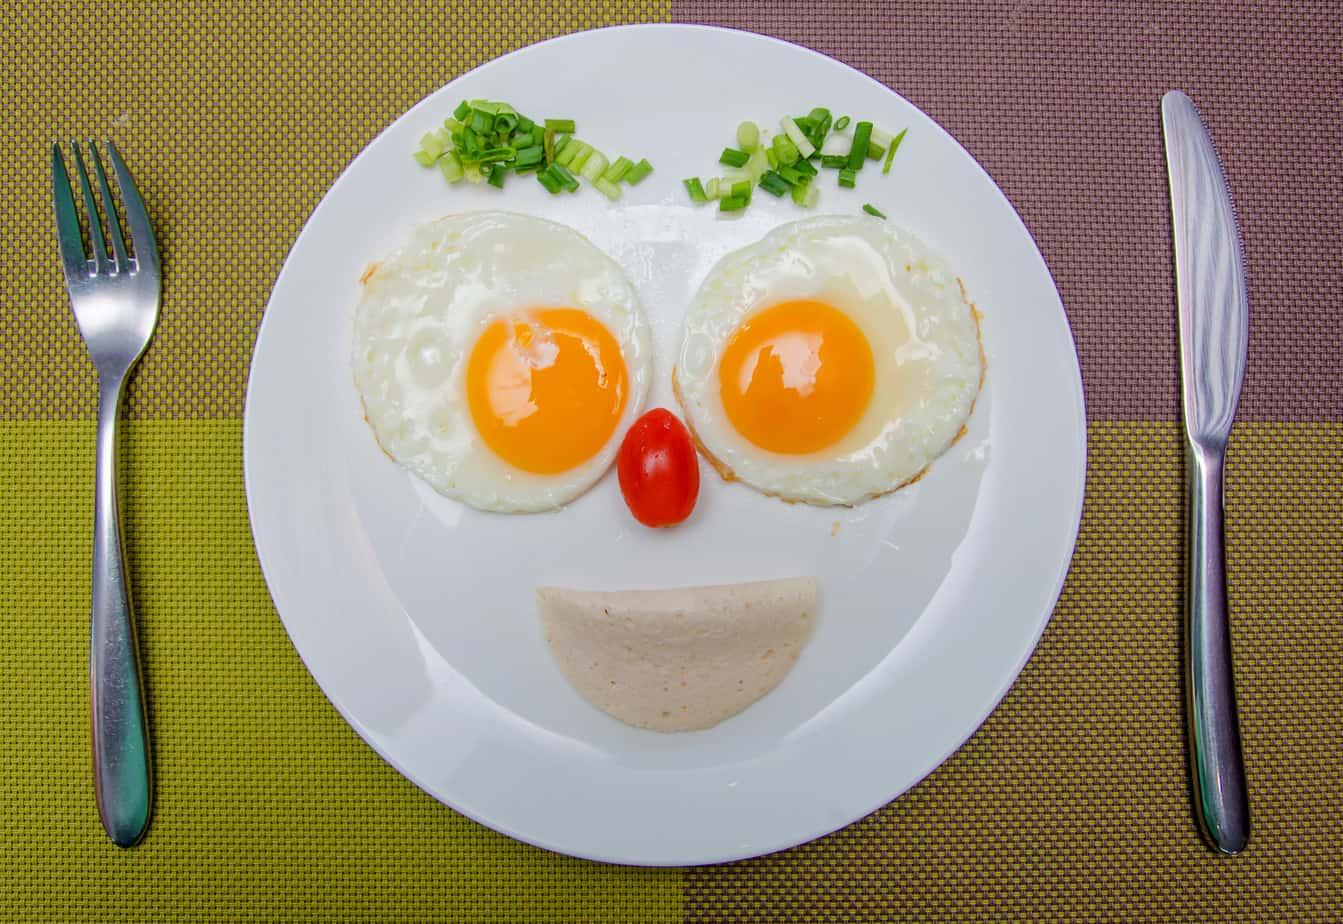 Cholesterol myths